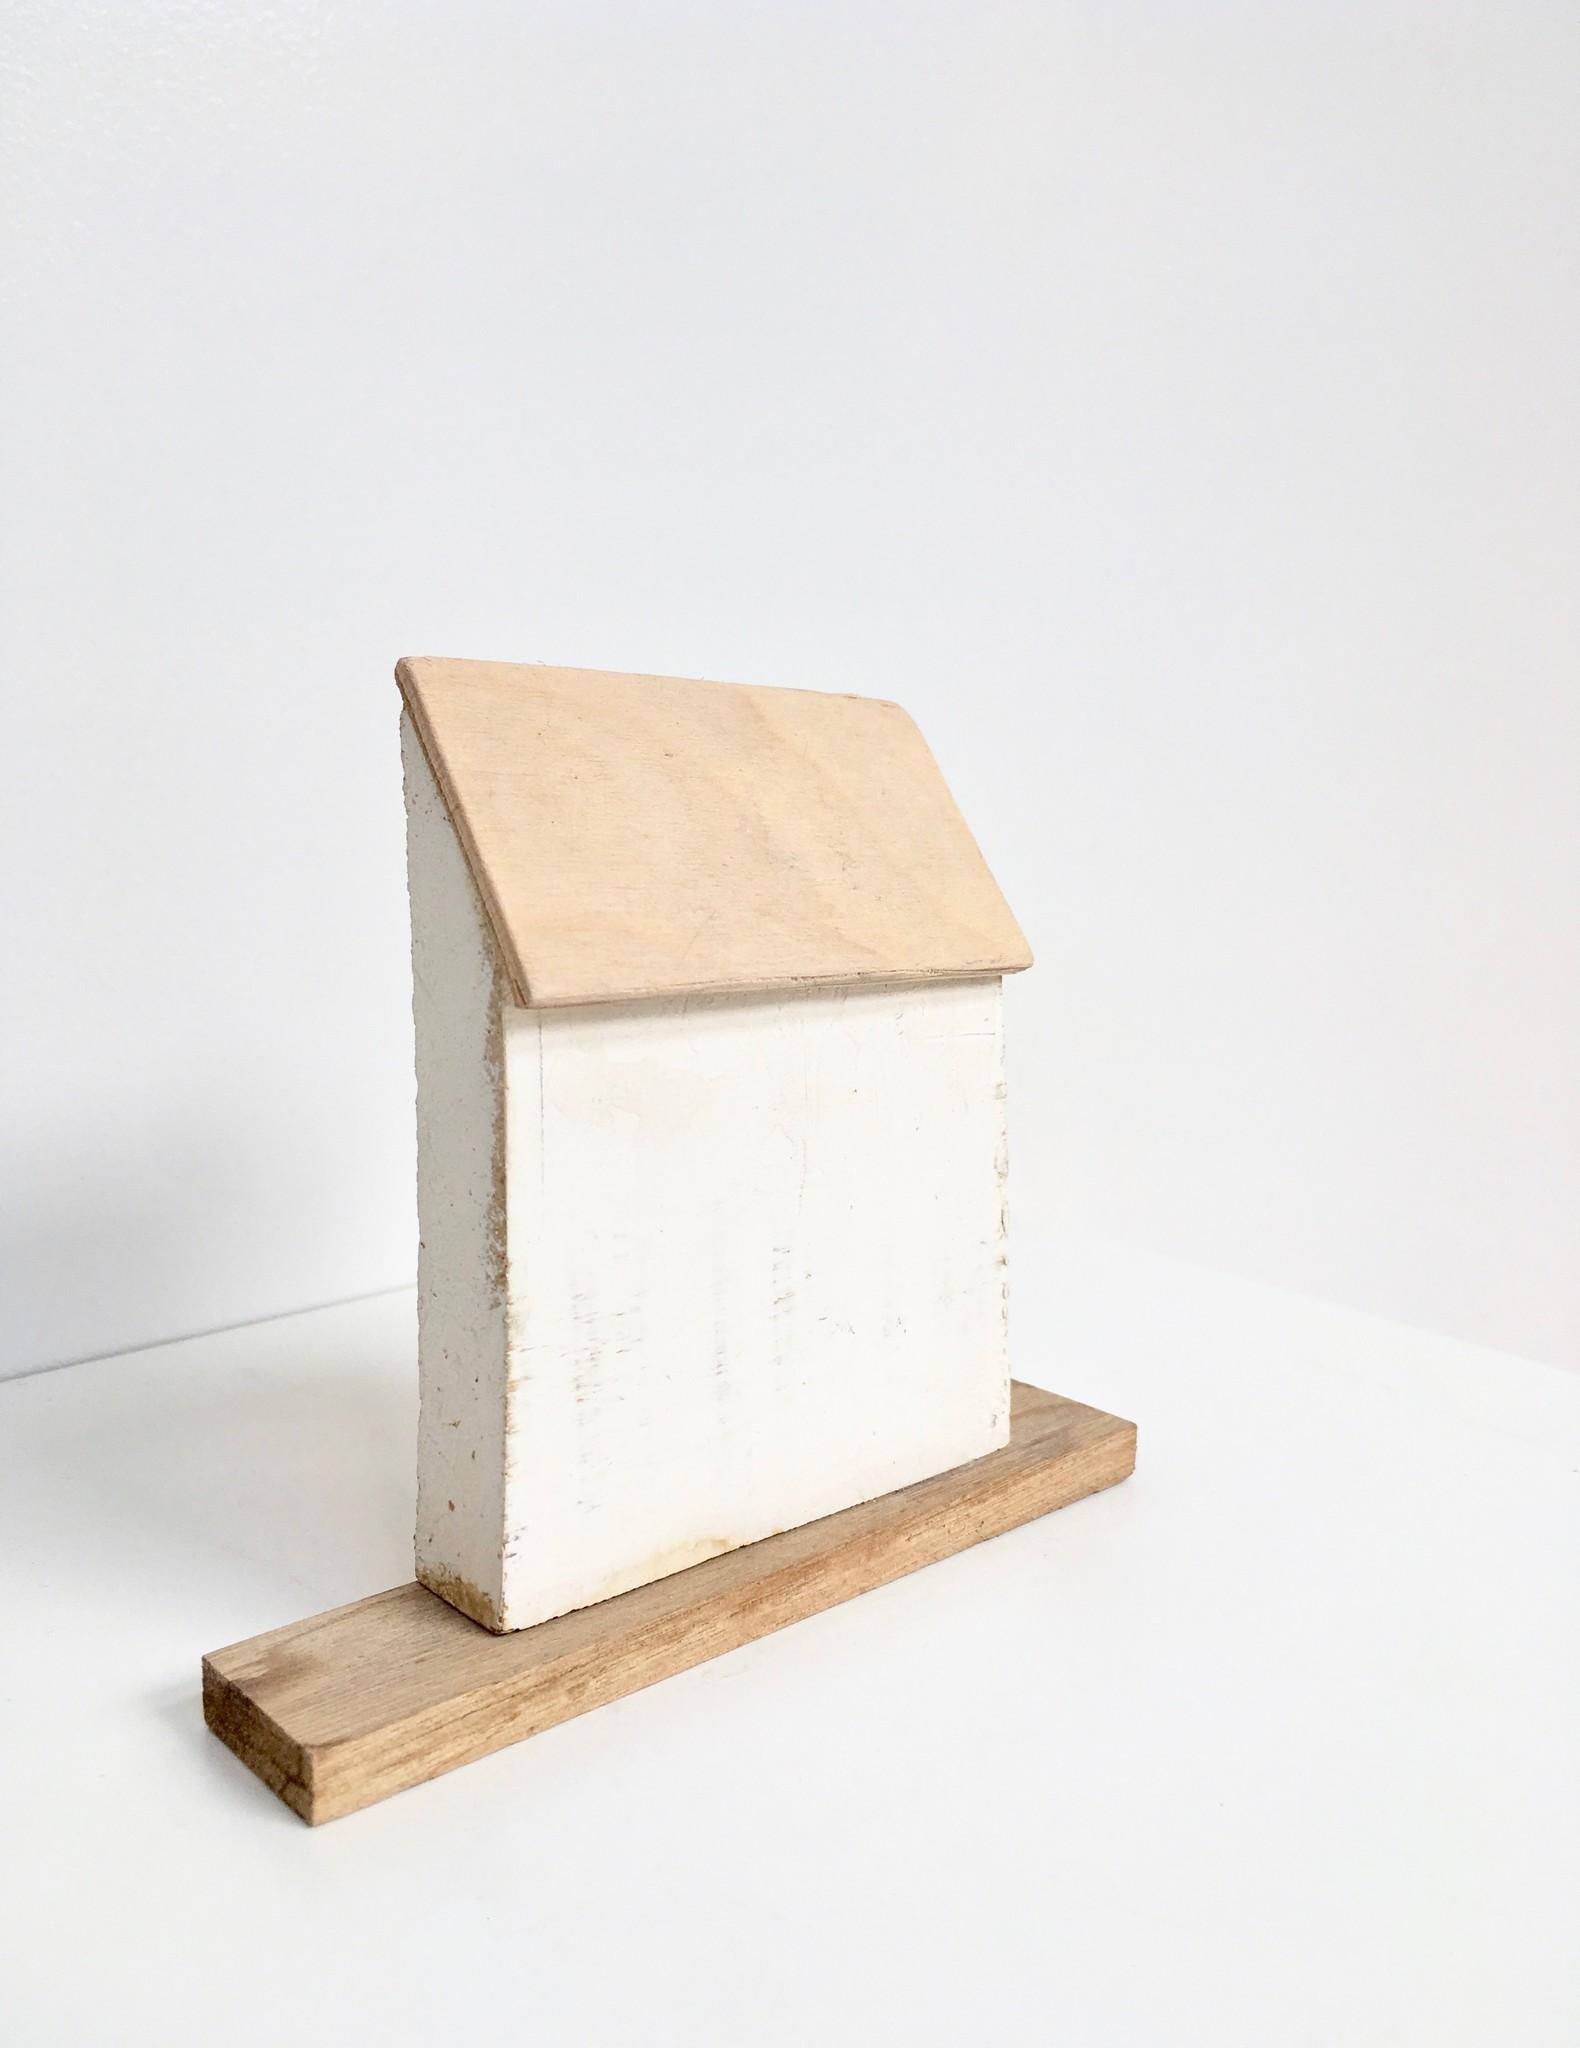 JELLEMA | Huis, 2013